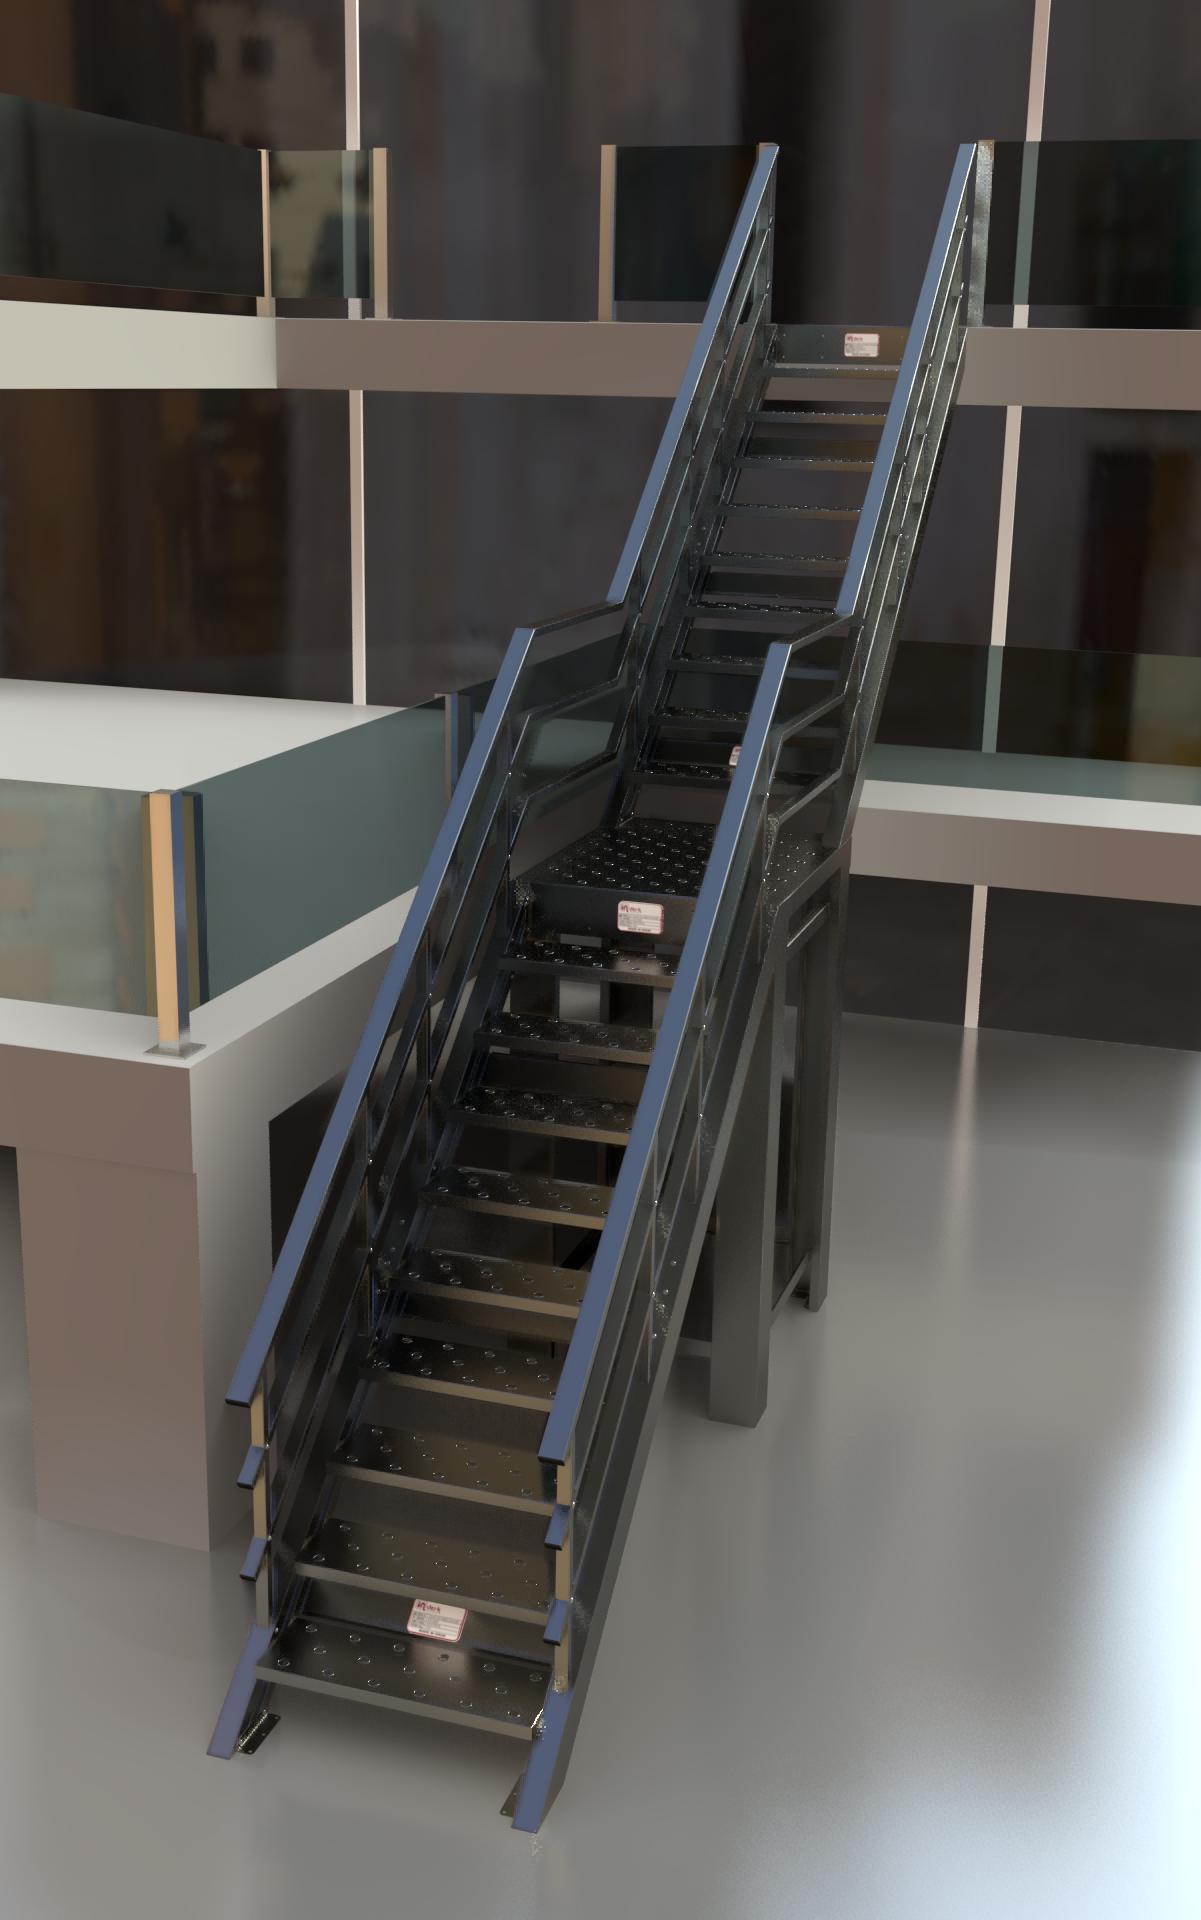 Escalera recta negra gris con descanso